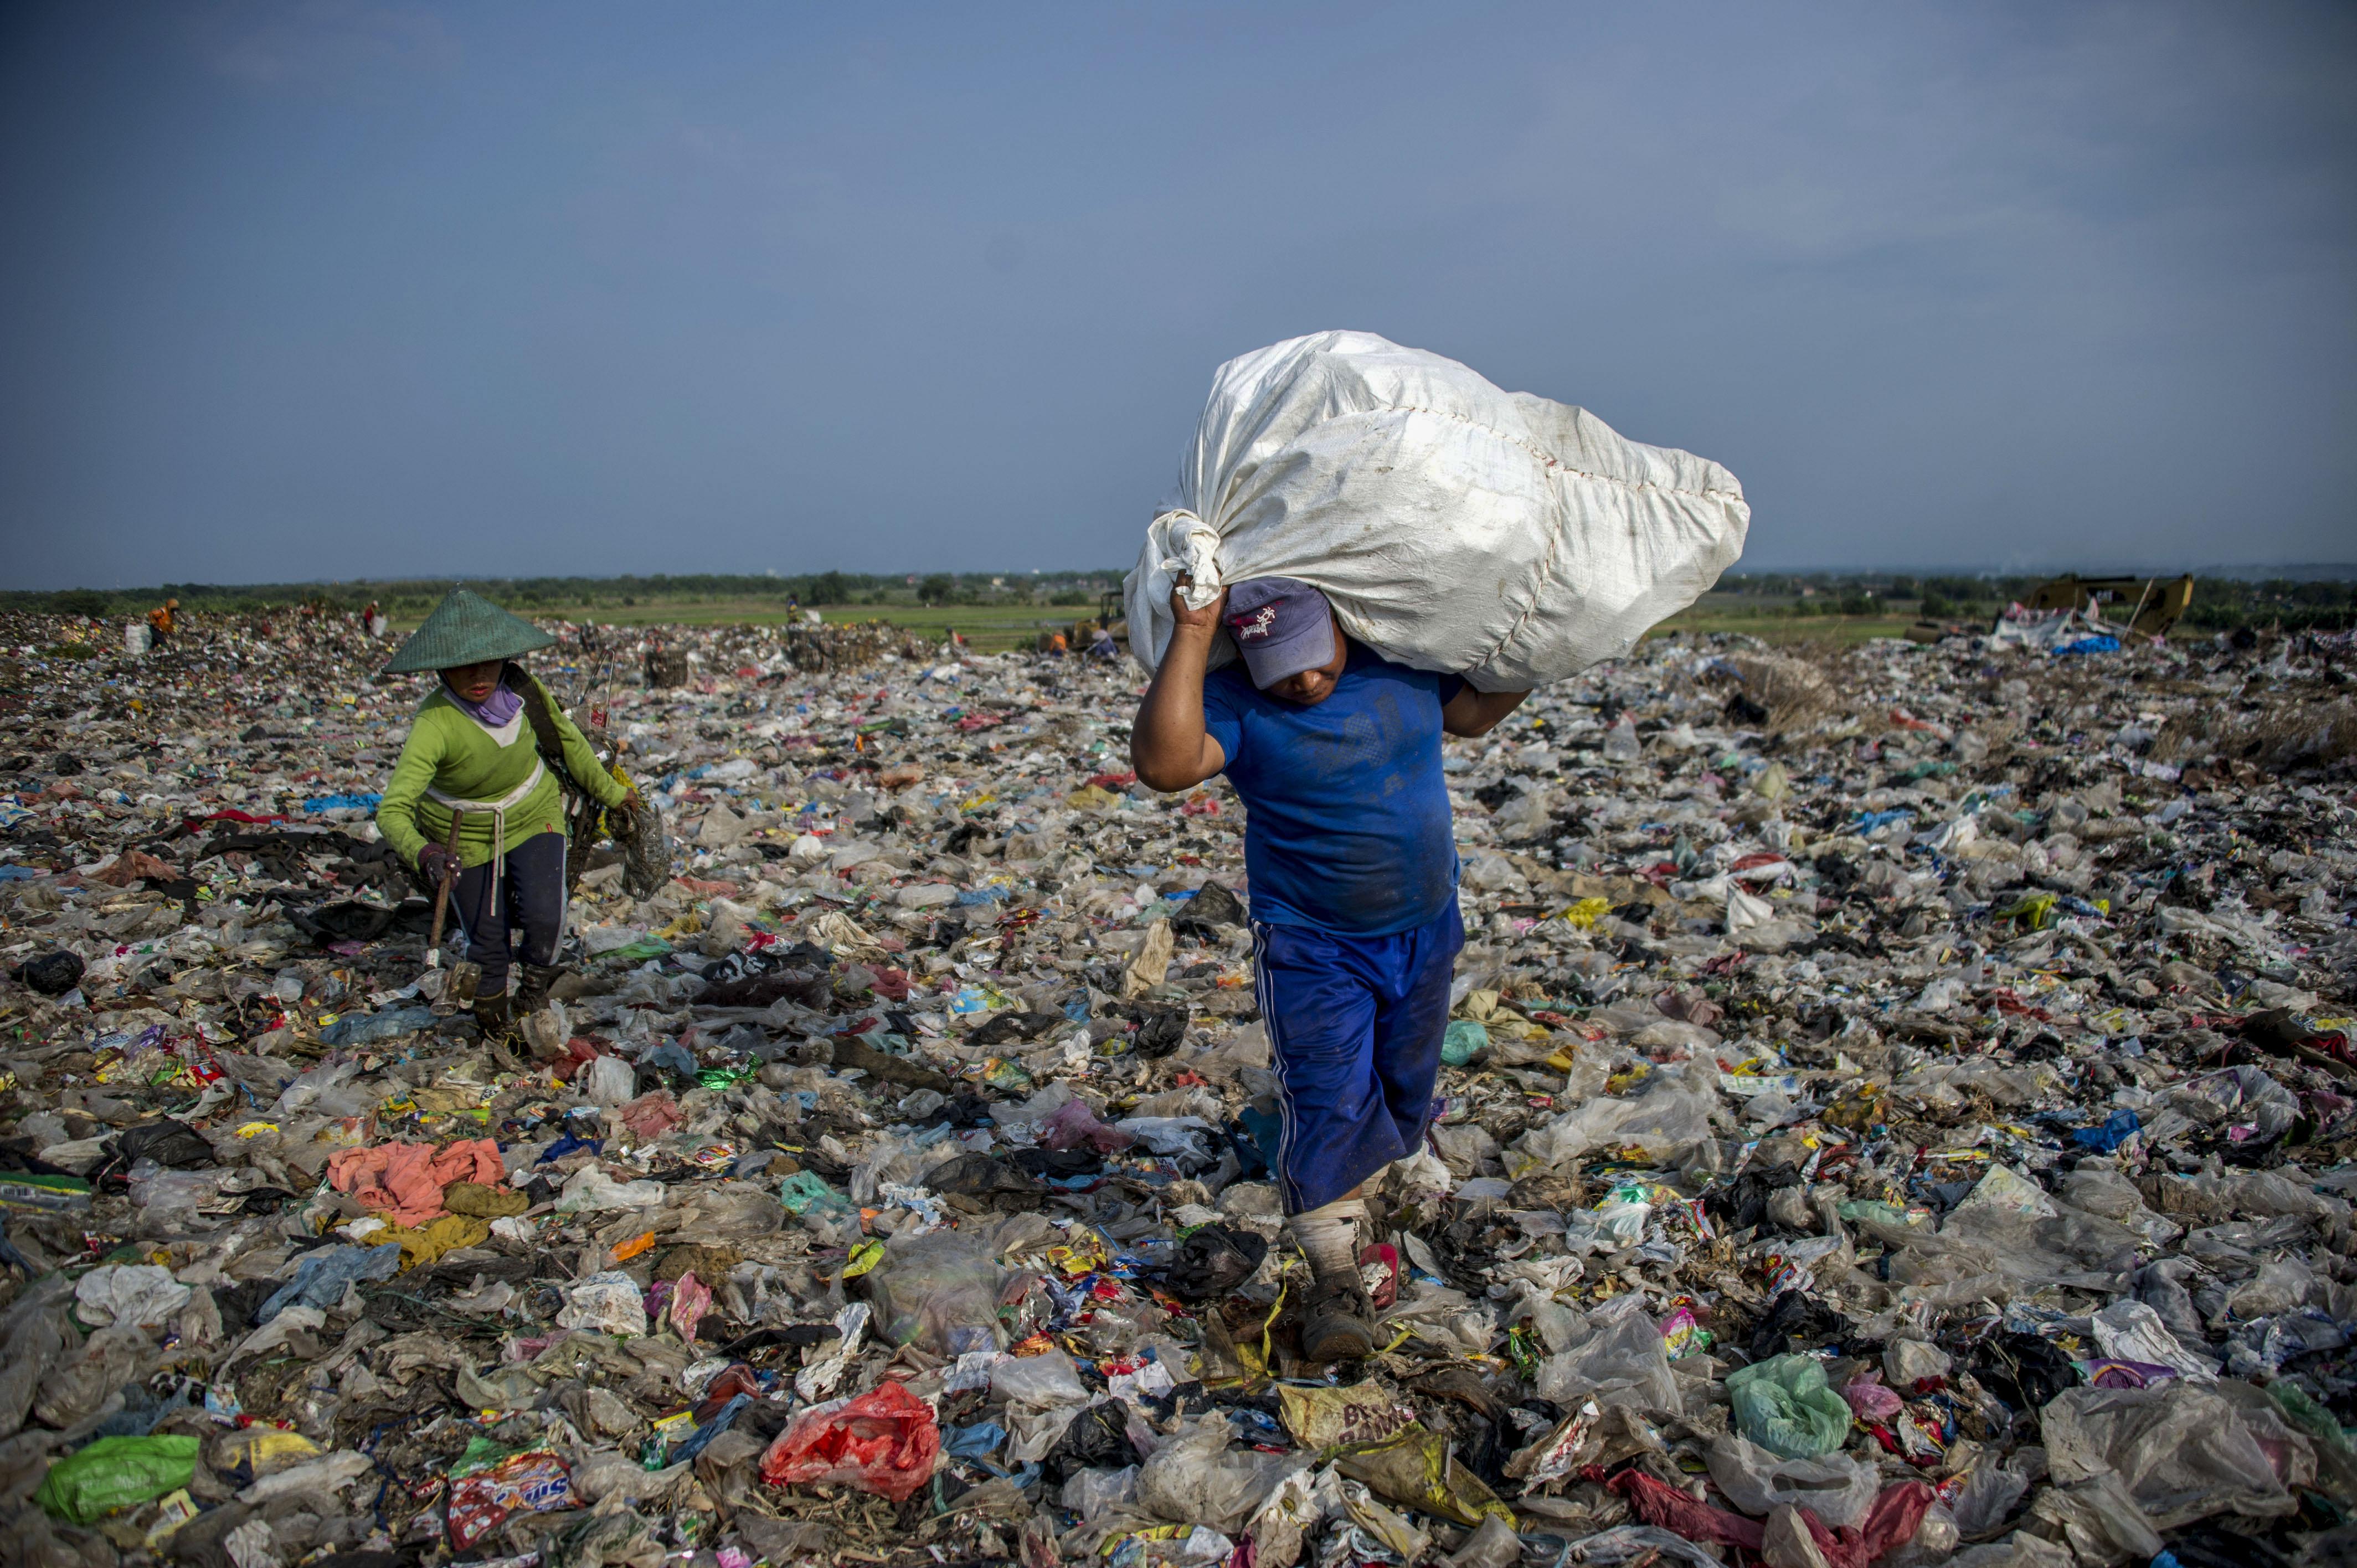 भारत में पाकिस्तान और बांग्लादेश से आ रहा है 55 हजार मीट्रिक टन प्लास्टिक कचरा - रिपोर्ट